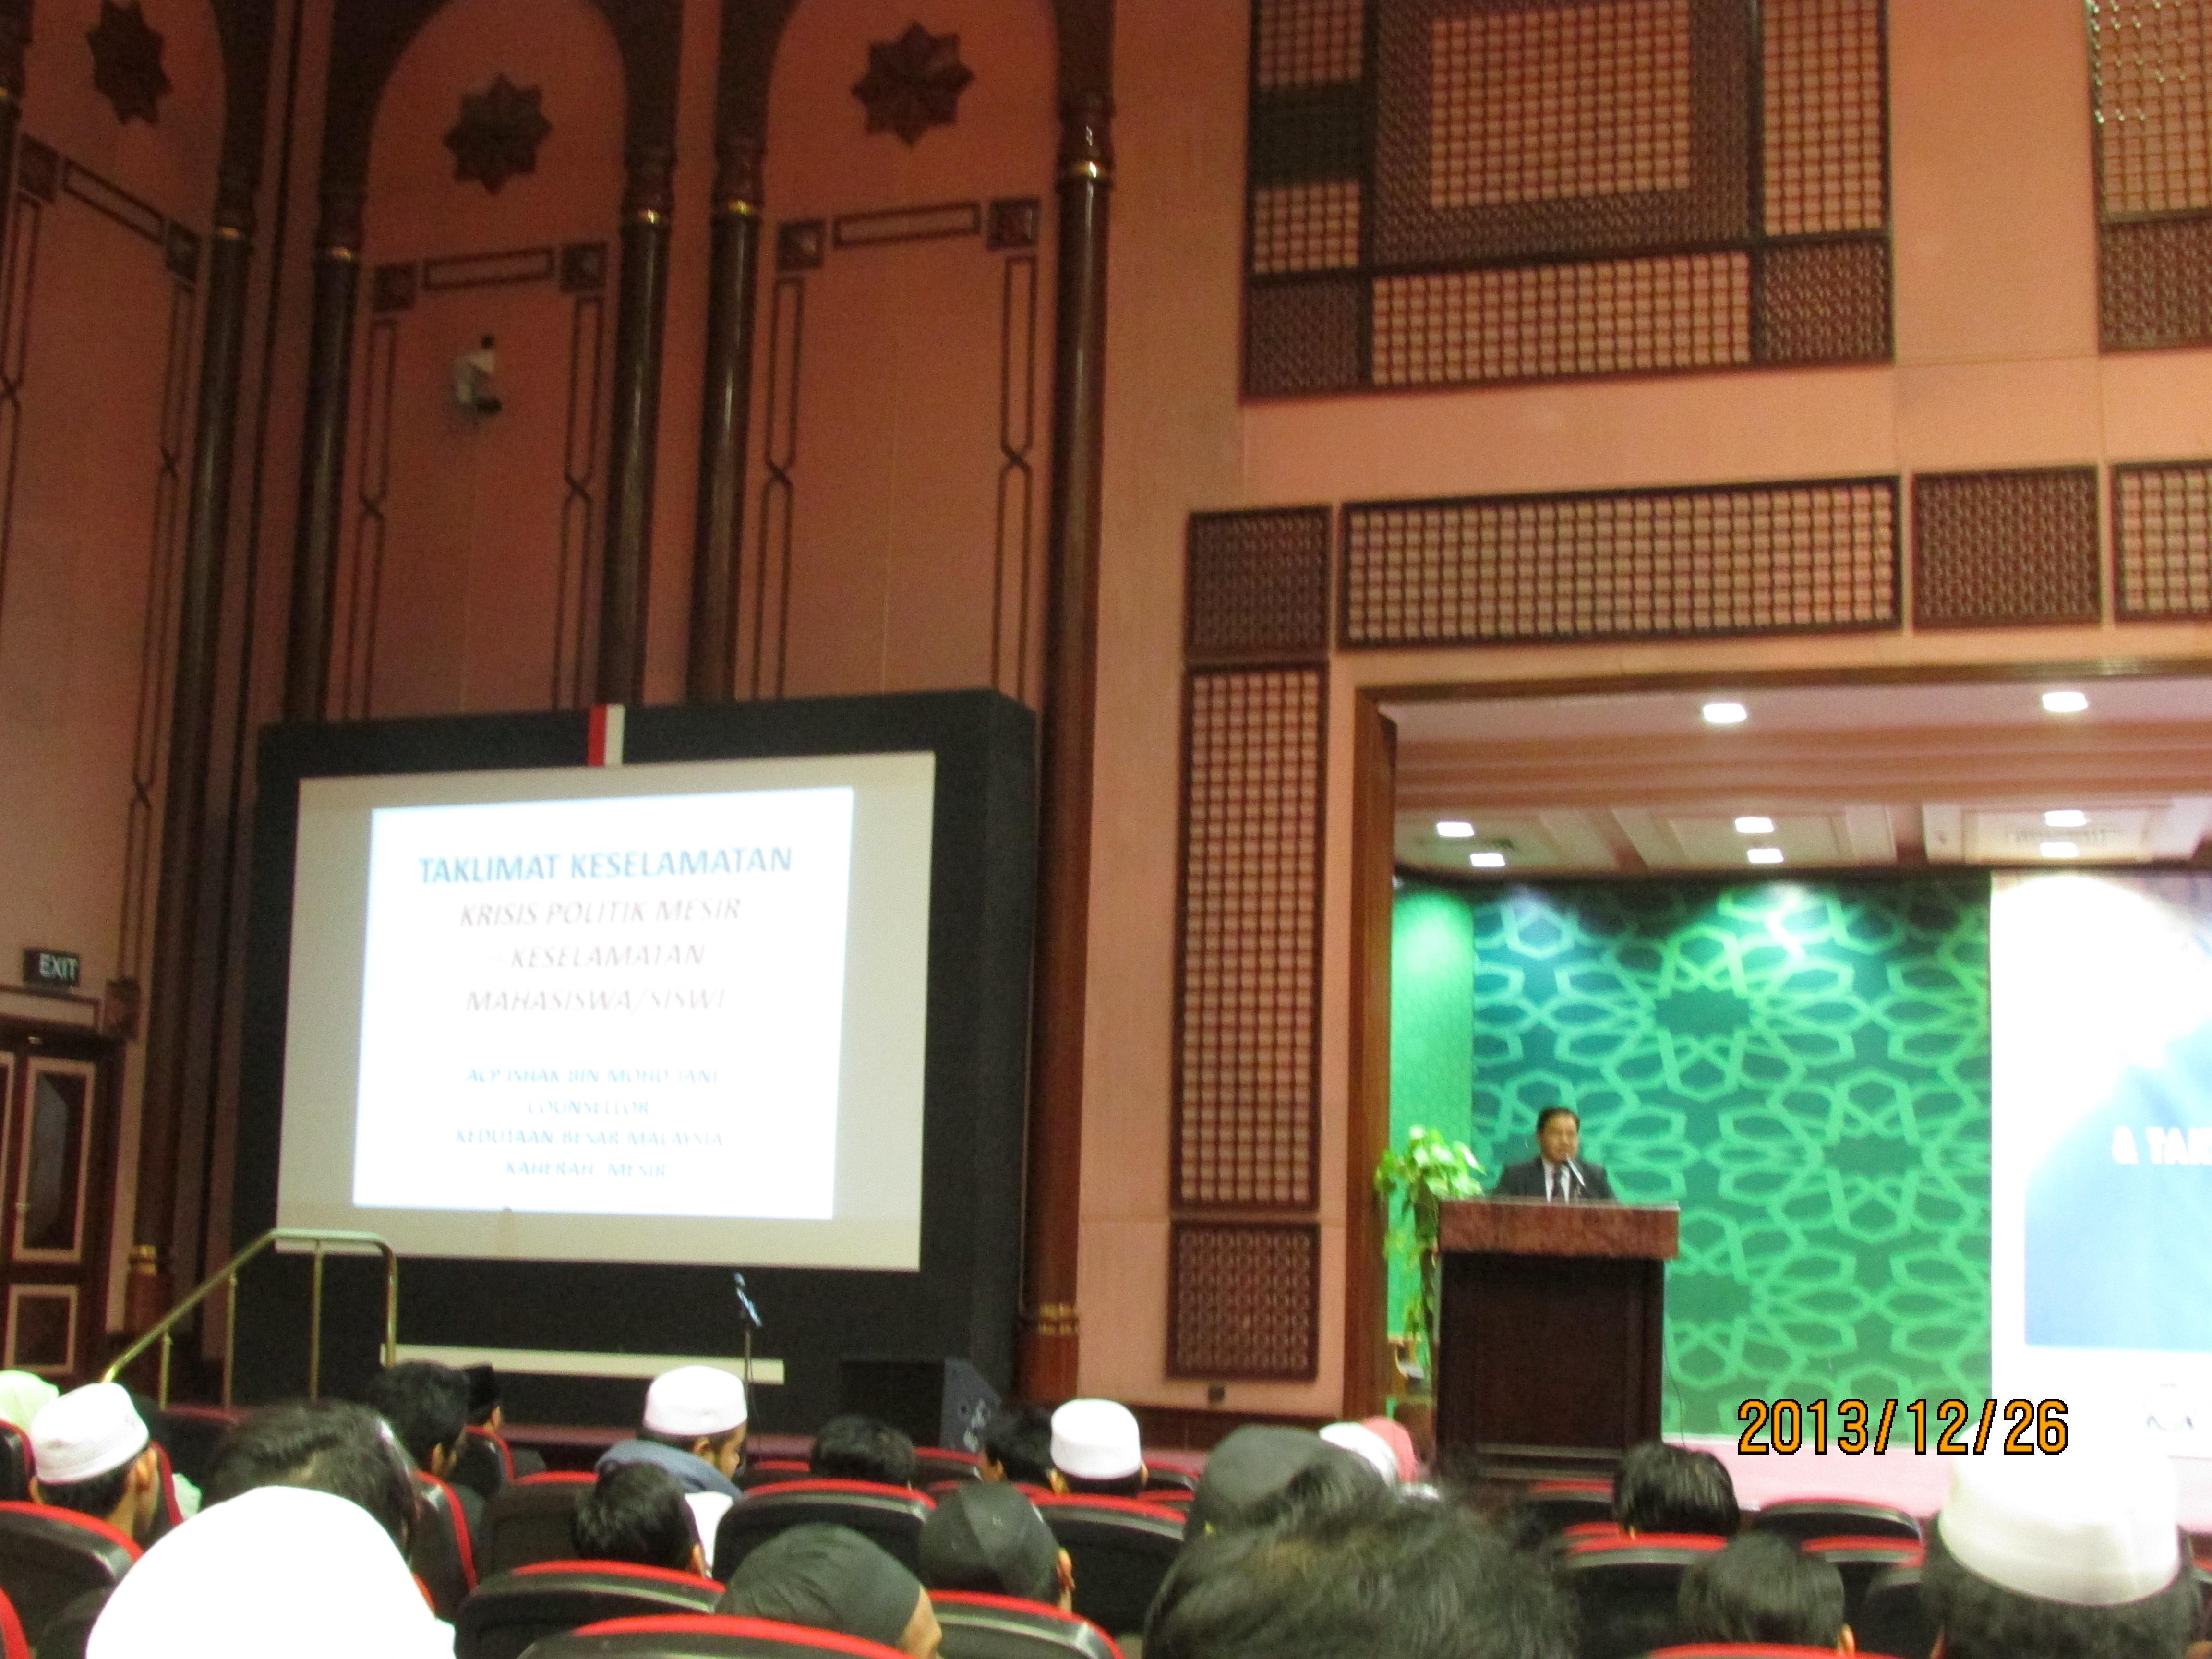 Duta, Pegawai EME dan wakil PDRM cakna keselamatan pelajar Malaysia di Mesir